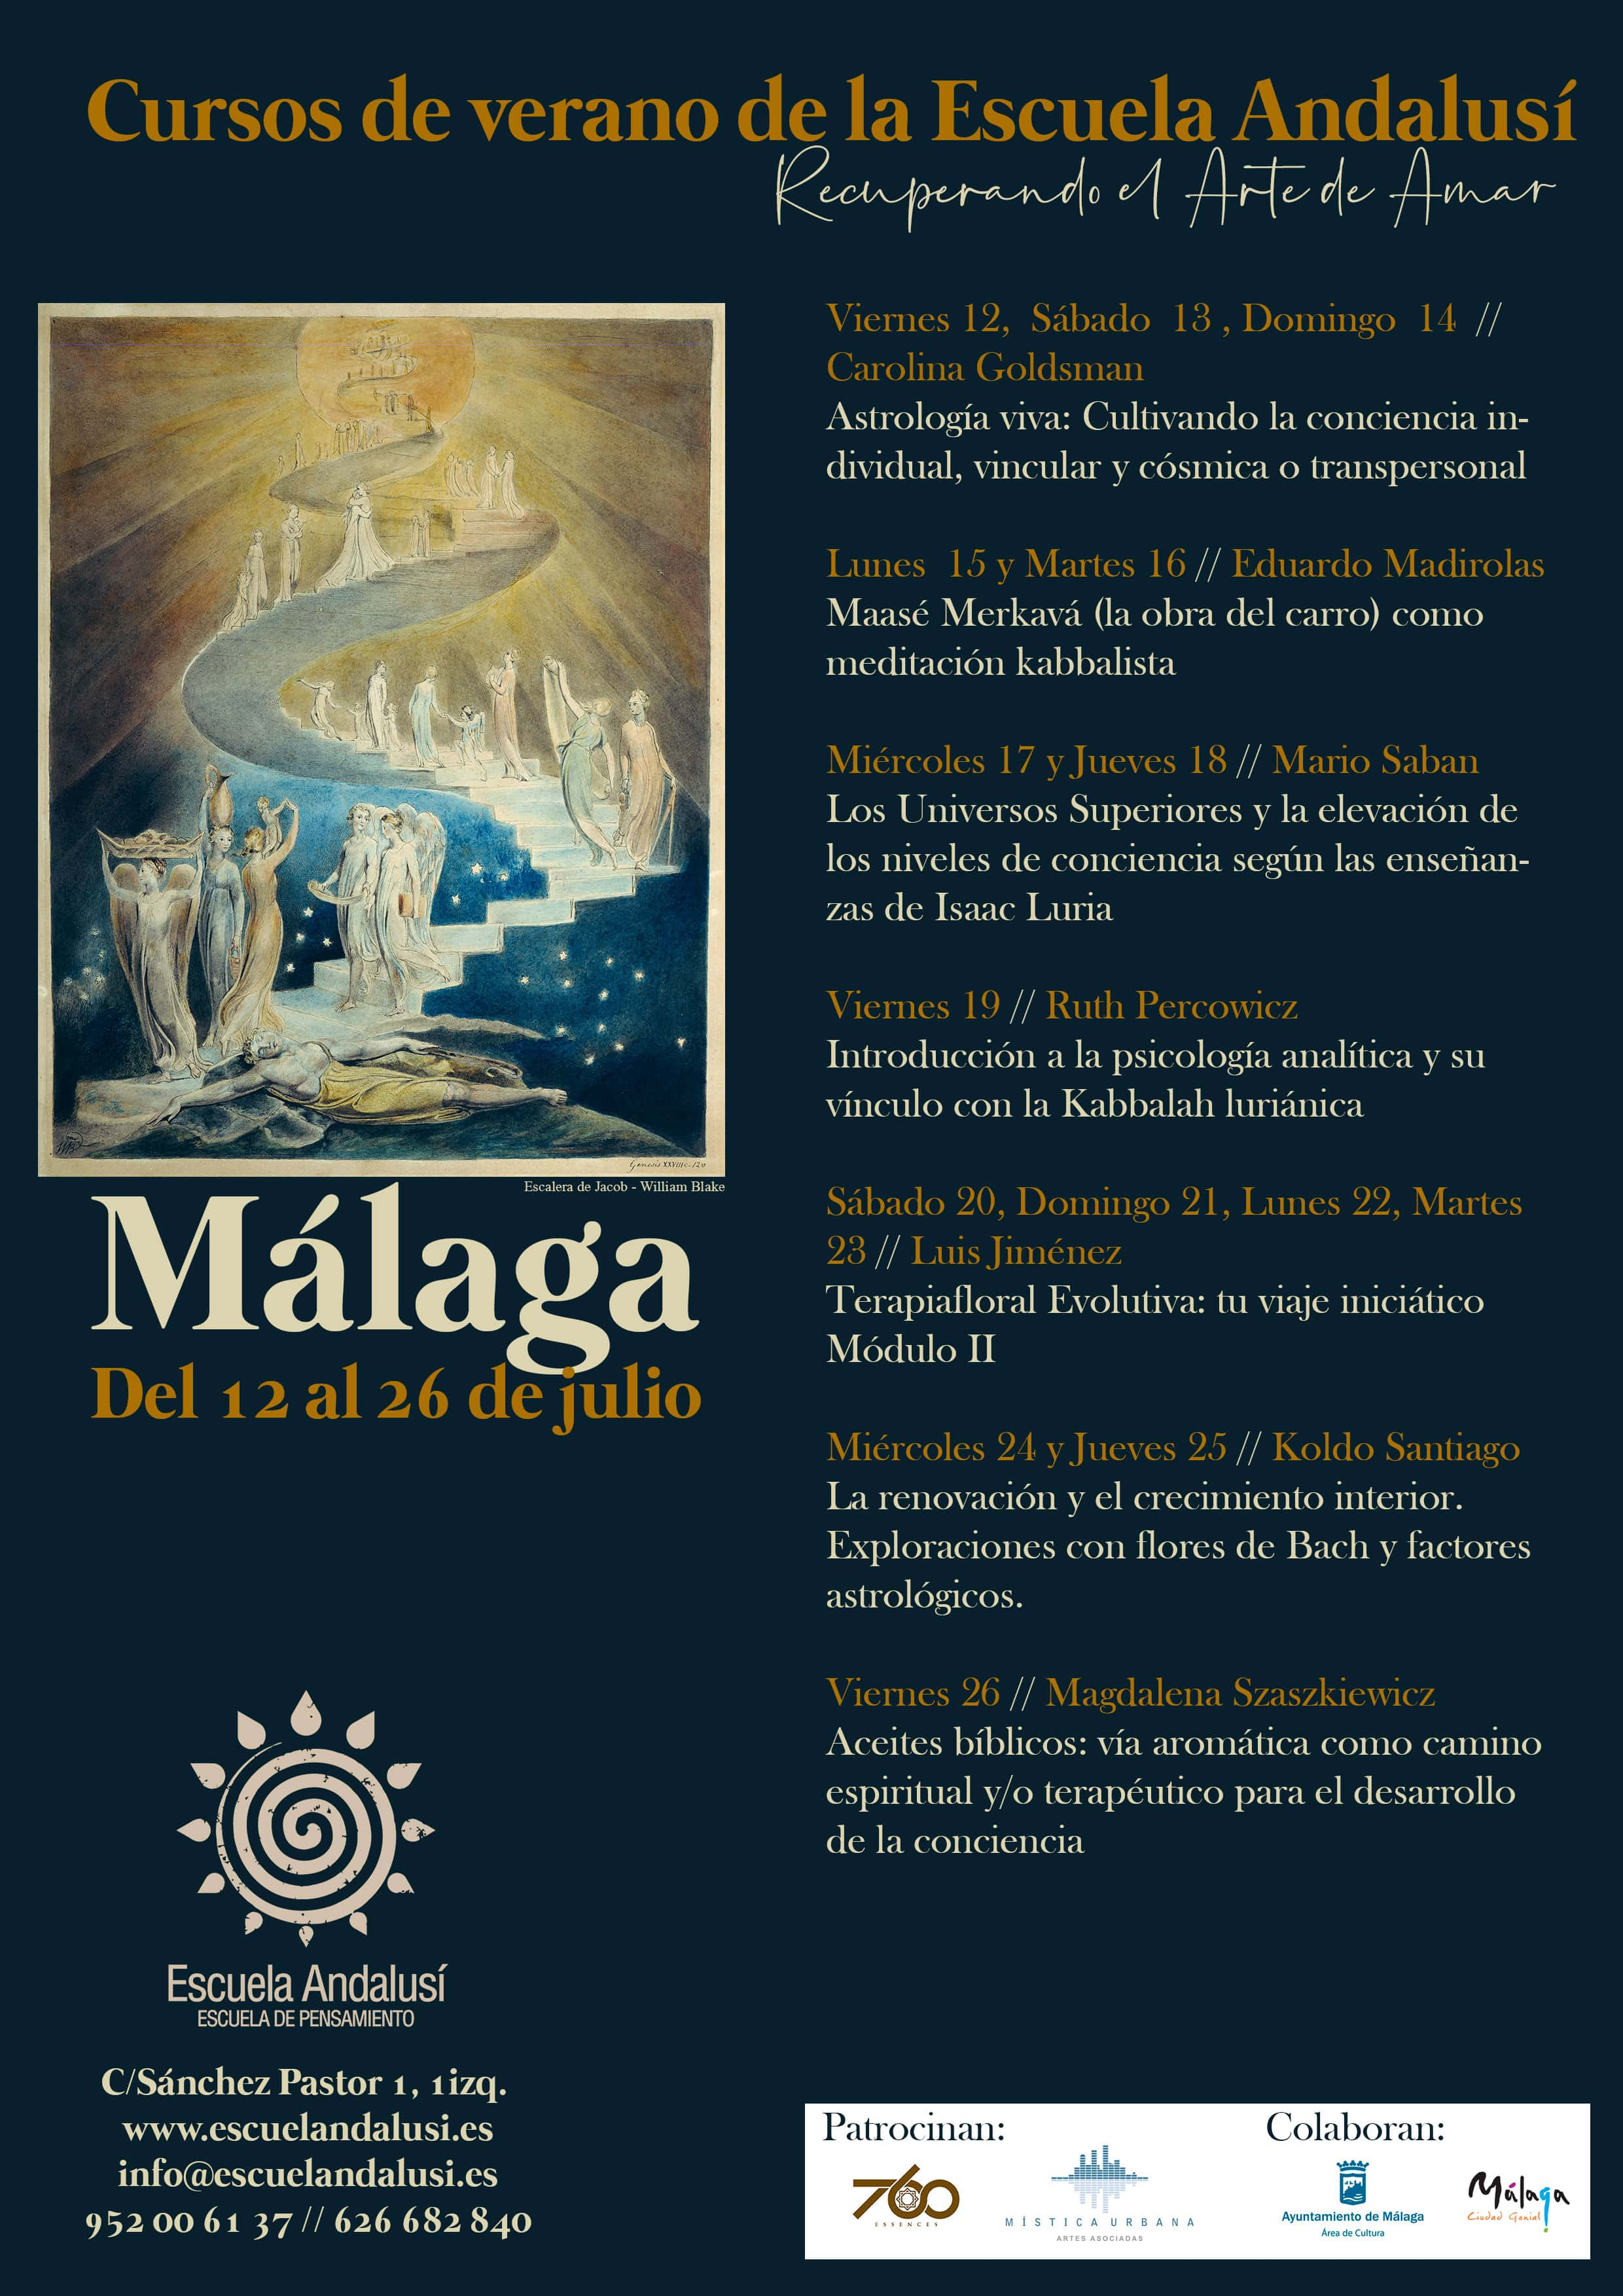 cursos-de-verano-escuela-andalusi-malaga-2019-min